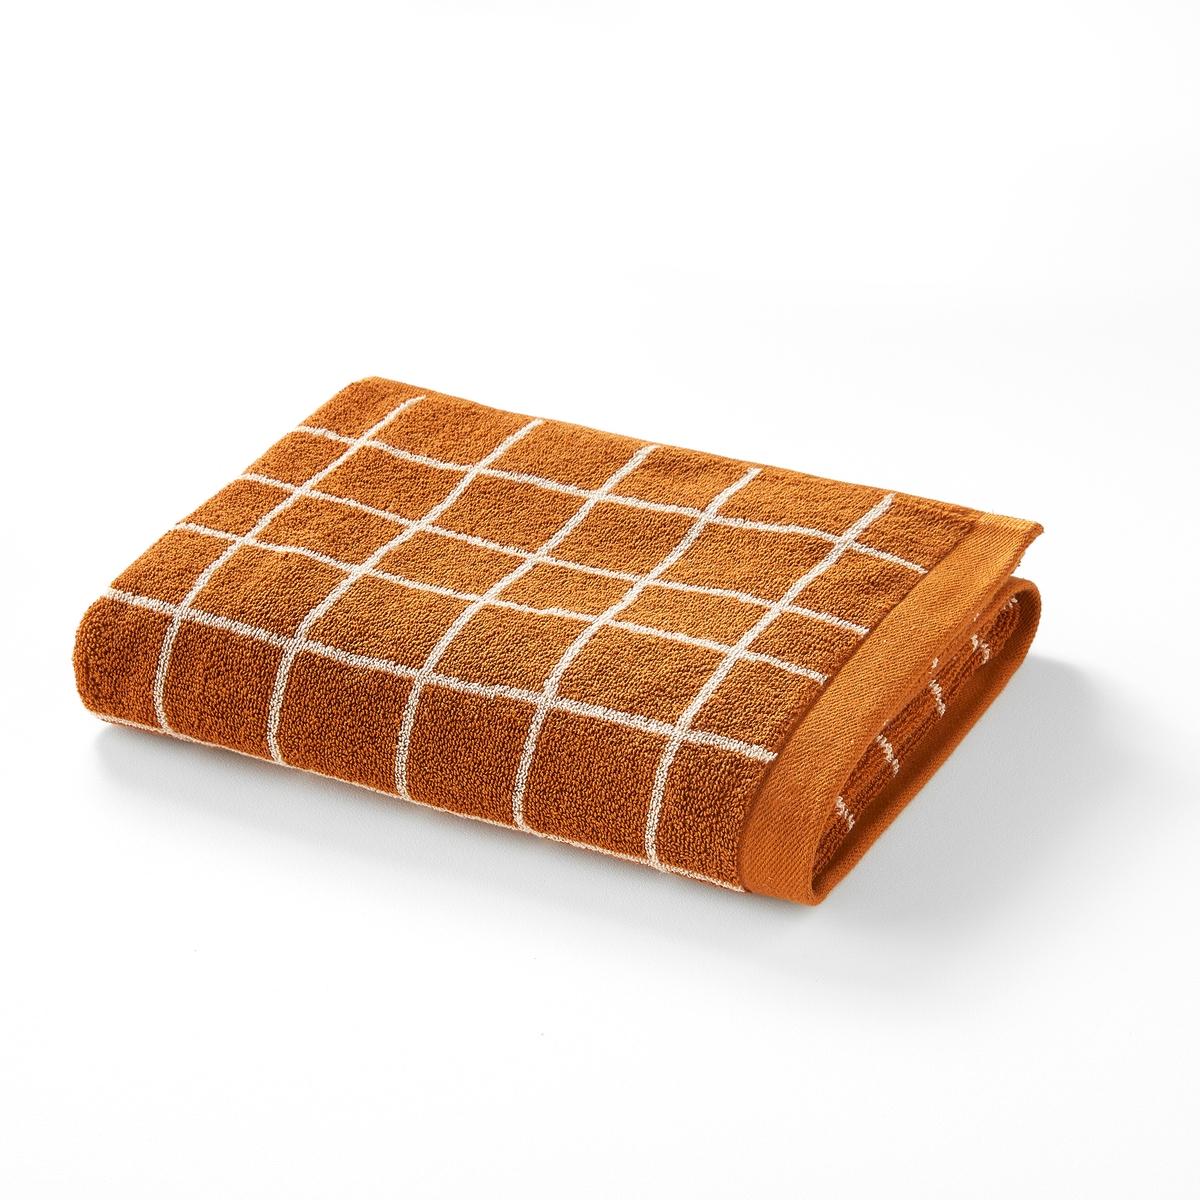 Полотенце La Redoute Махровое жаккардовое Craft 50 x 100 см каштановый полотенце proffi home классик цвет шоколадный 50 x 100 см